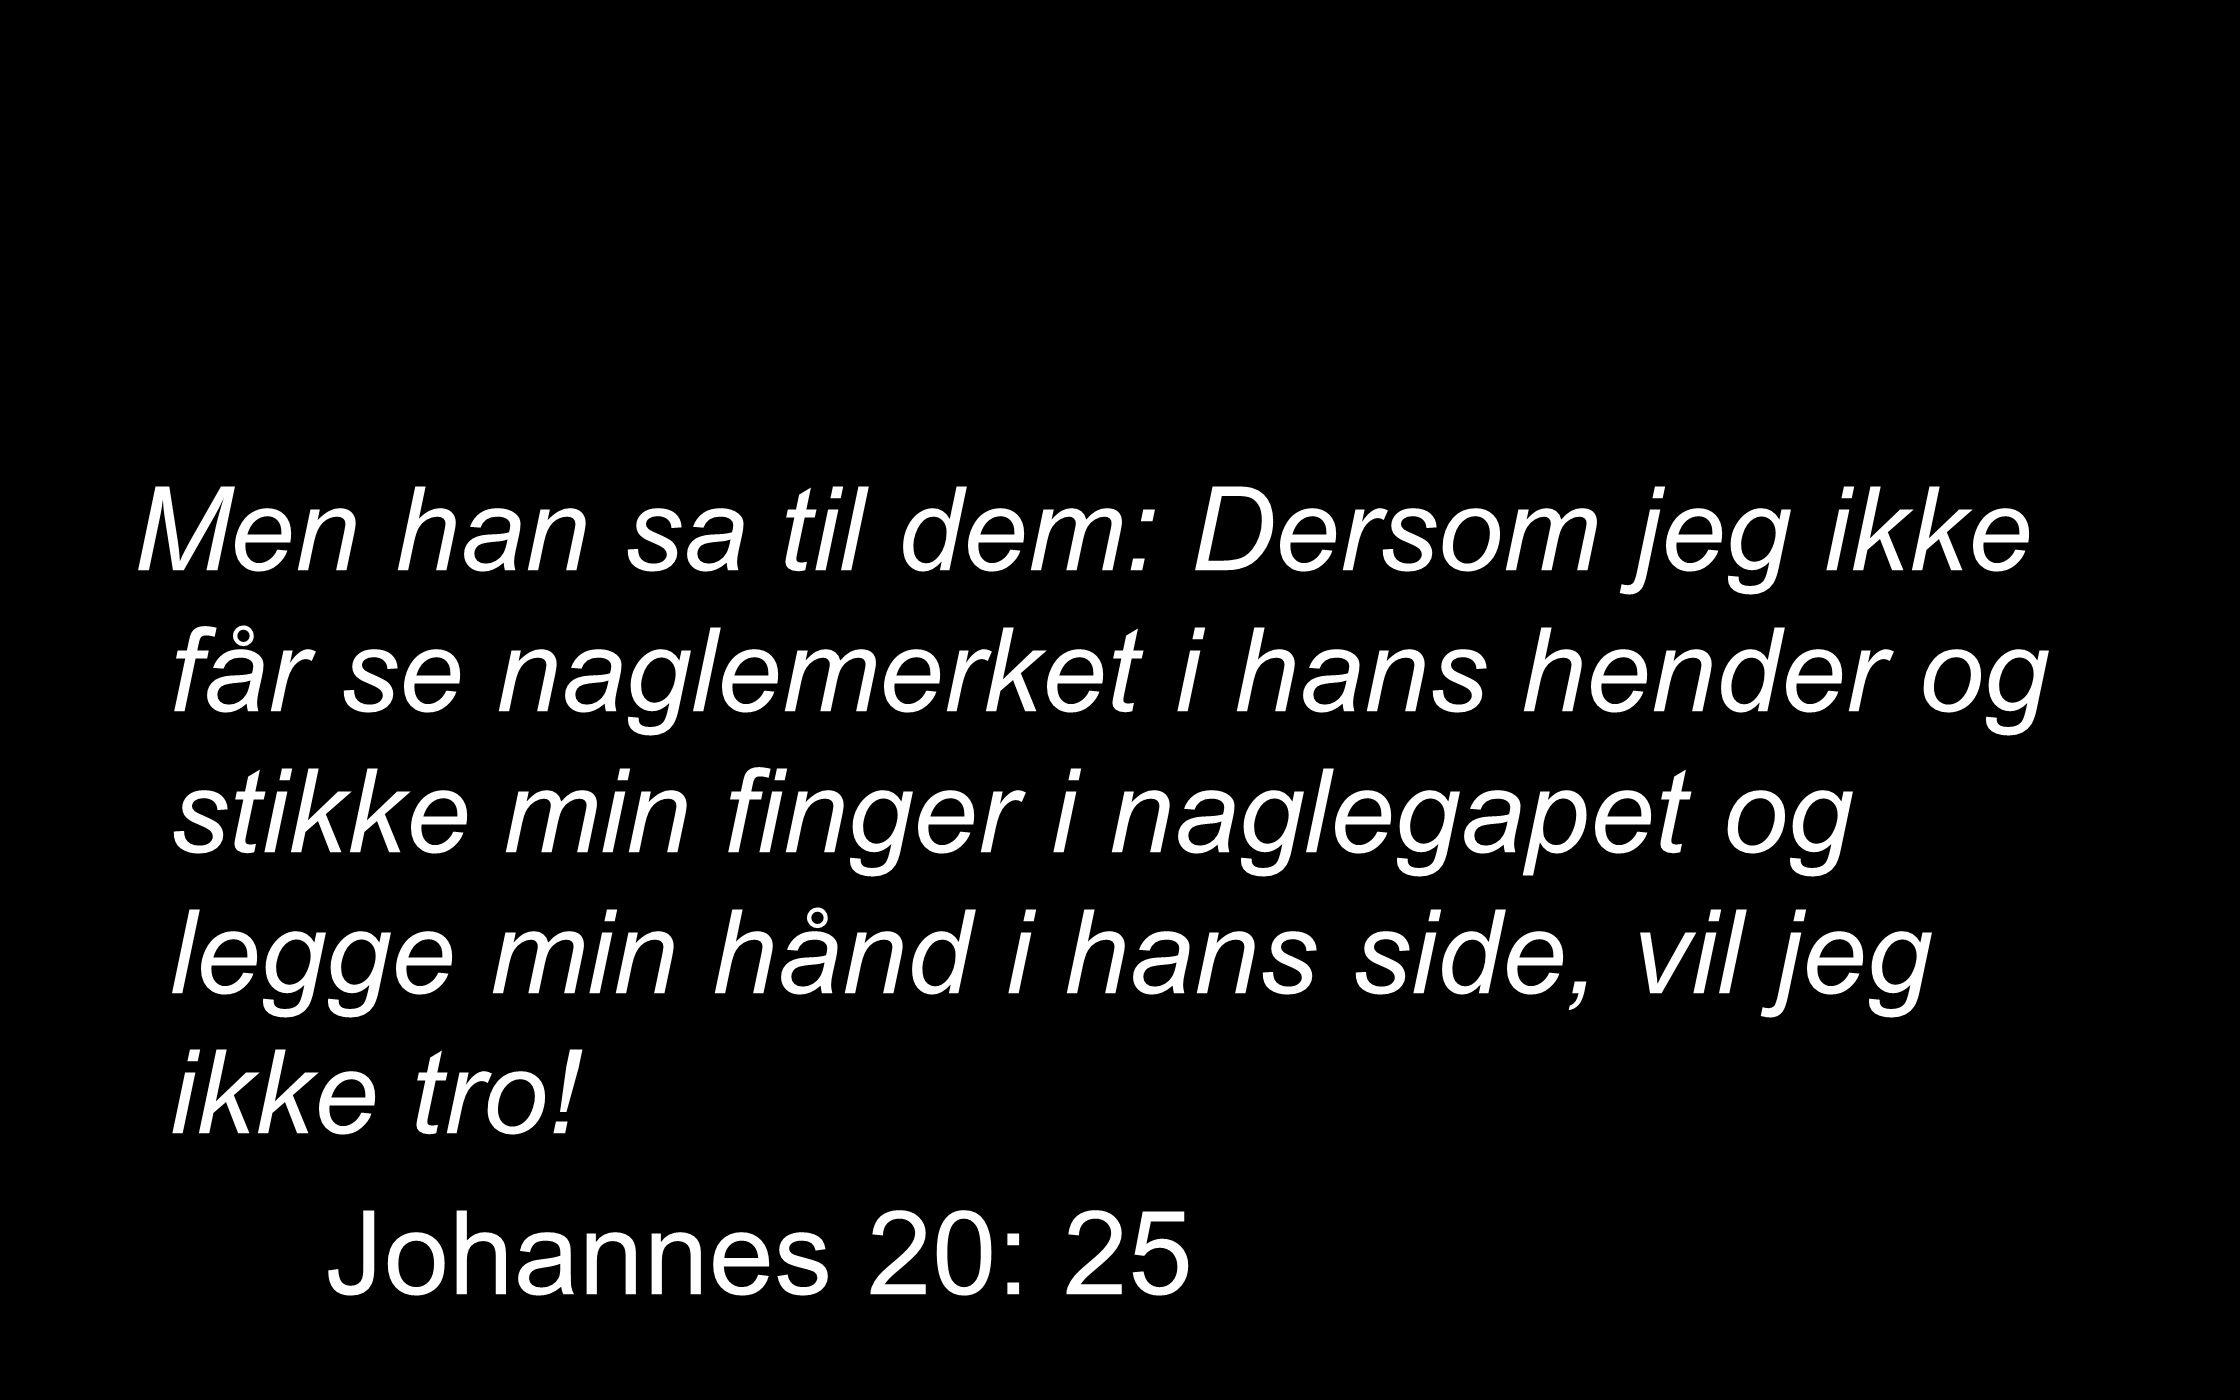 Men han sa til dem: Dersom jeg ikke får se naglemerket i hans hender og stikke min finger i naglegapet og legge min hånd i hans side, vil jeg ikke tro.